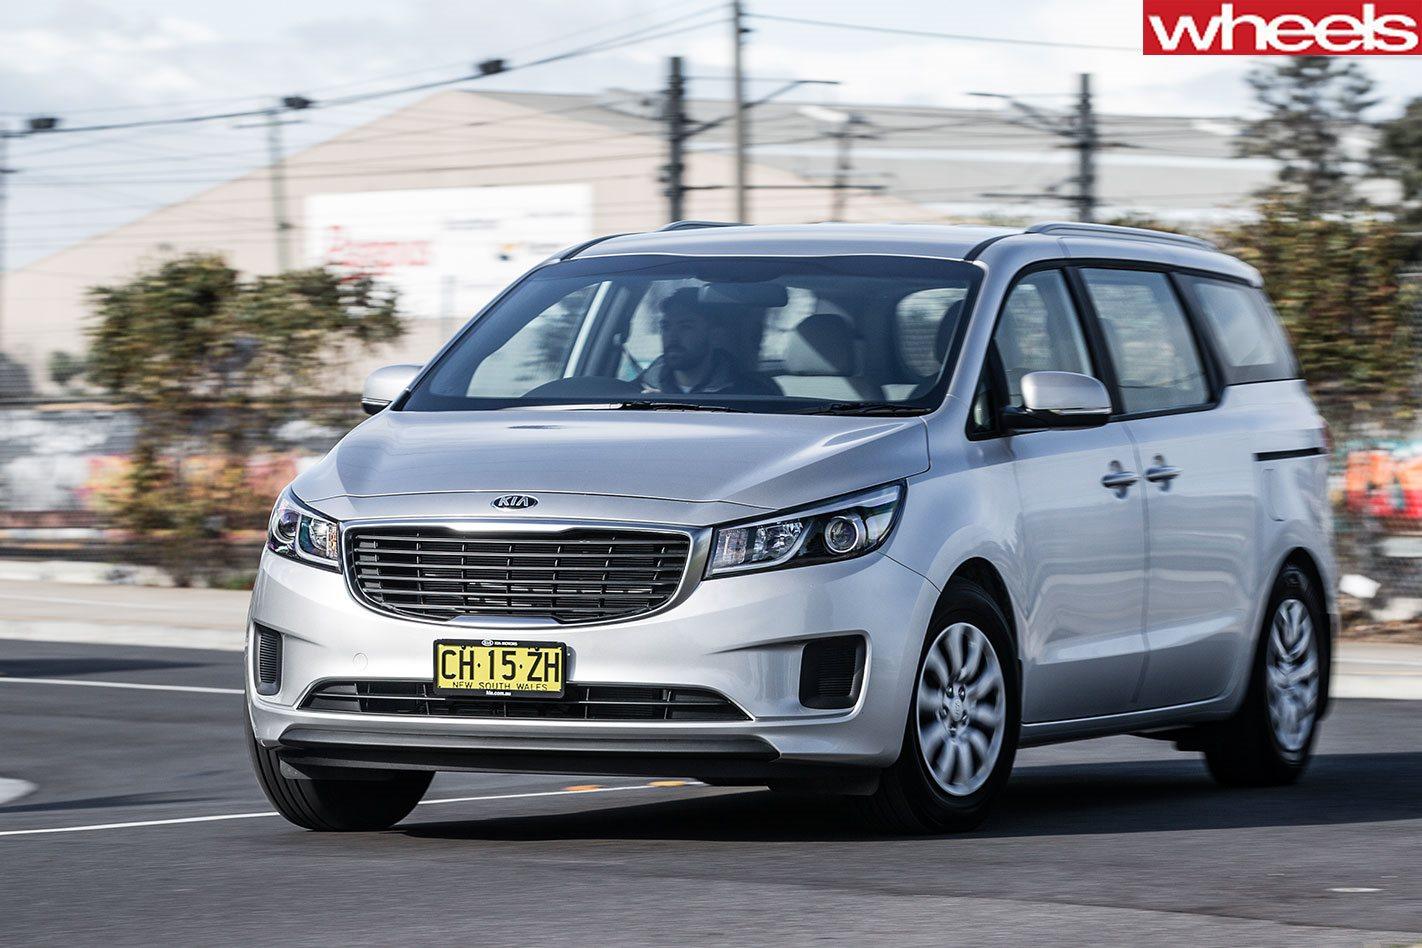 37cf1e6867 2018 Kia Carnival Range Review